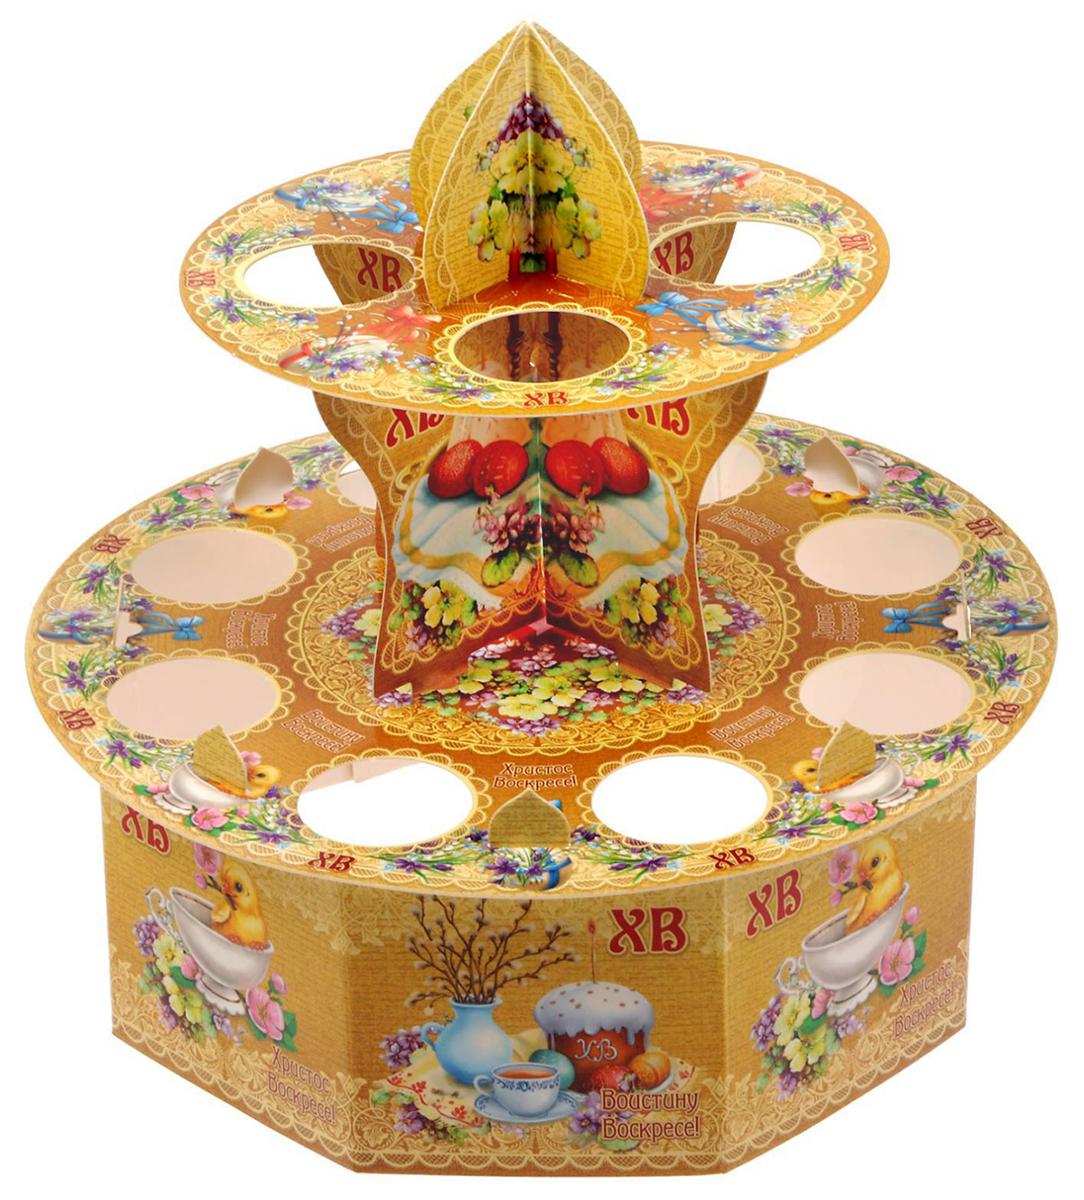 Подставка для яйца Пасхальная композиция, на 12 яиц, 20 х 20 см. 16757791675779От качества посуды зависит не только вкус еды, но и здоровье человека. Подставка пасхальная на 12 яиц Пасхальная композиция — товар, соответствующий российским стандартам качества. Любой хозяйке будет приятно держать его в руках. С данной посудой и кухонной утварью приготовление еды и сервировка стола превратятся в настоящий праздник.